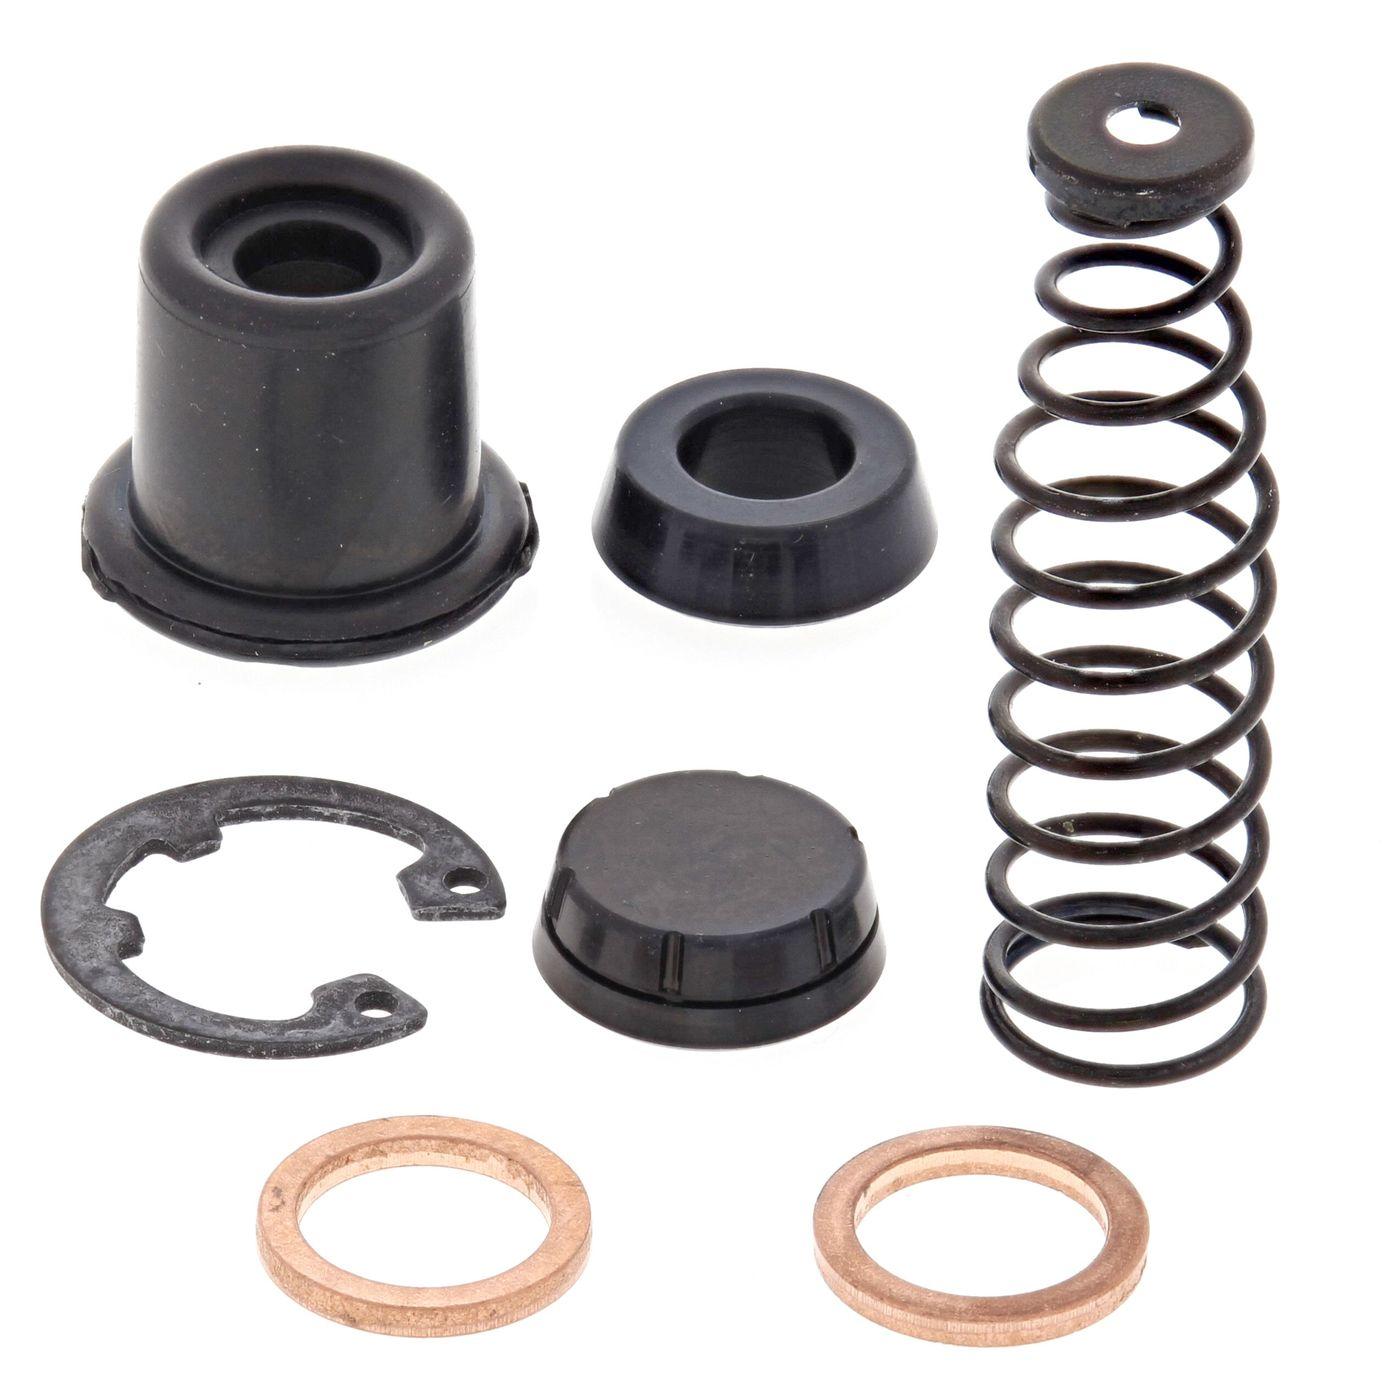 Wrp Master Cylinder Repair Kit - WRP181012 image